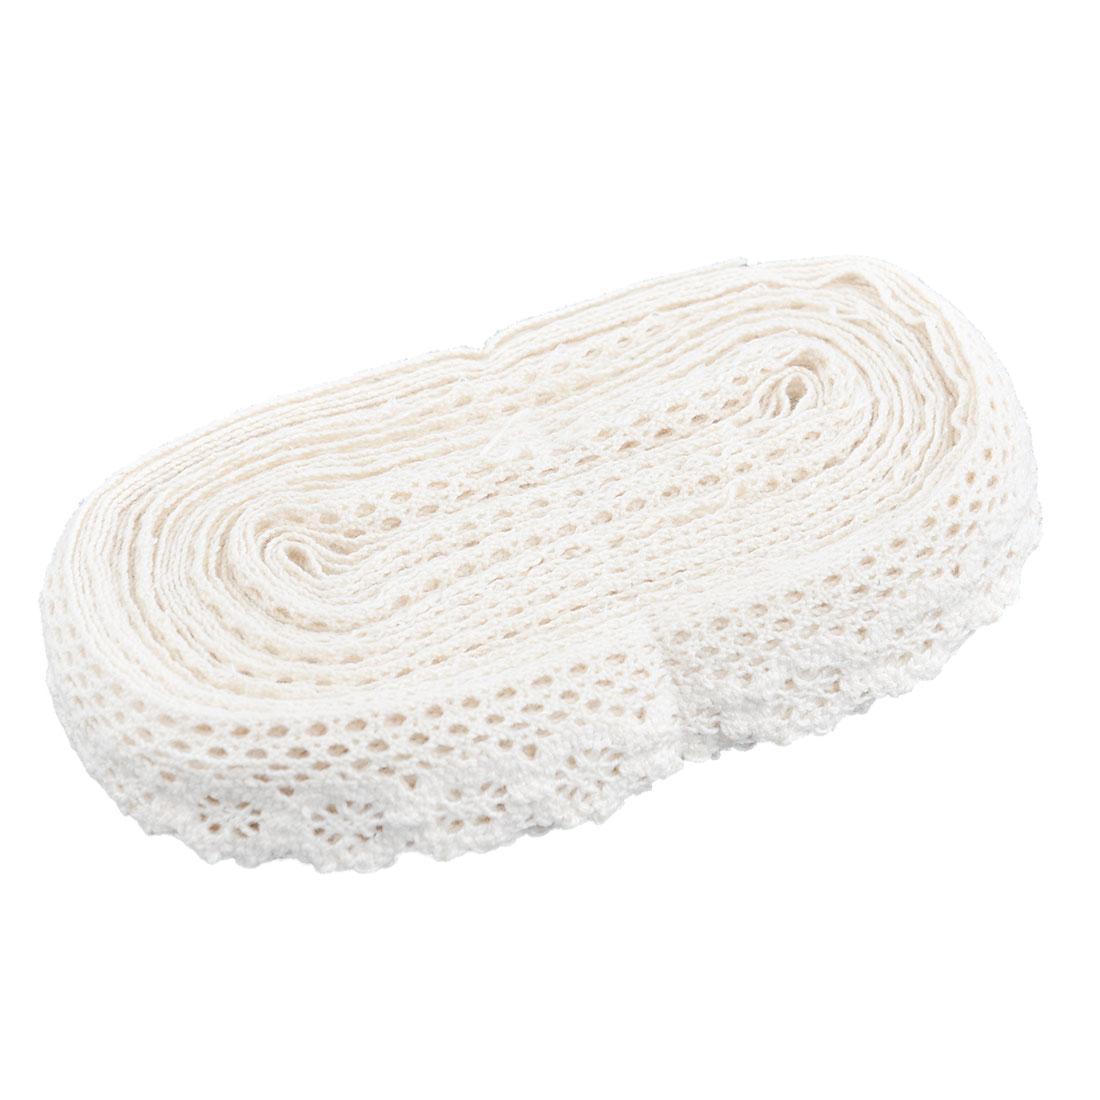 Home Cotton Blends DIY Handicraft Scrapbooking Decor Lace Trim Applique Beige